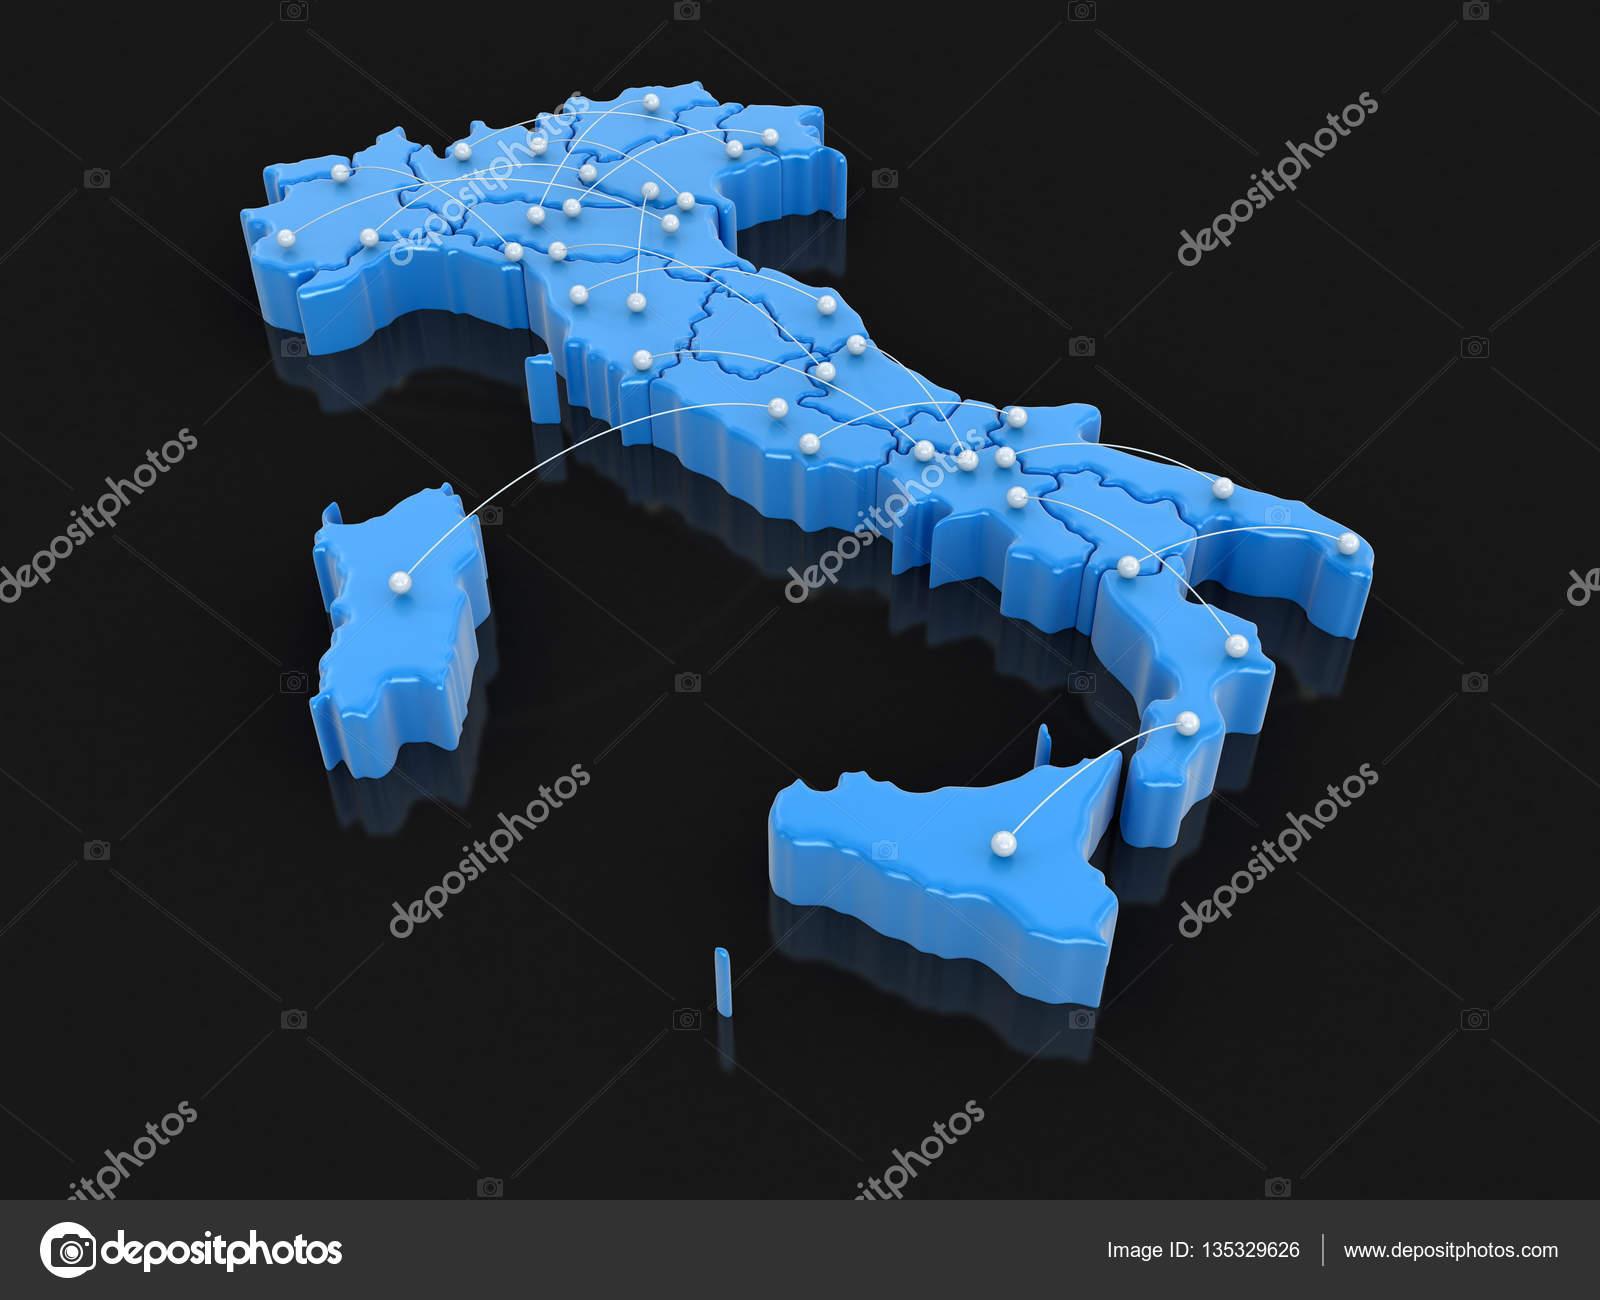 Flugrouten Karte.Karte Von Italien Mit Flugrouten Bild Mit Beschneidungspfad